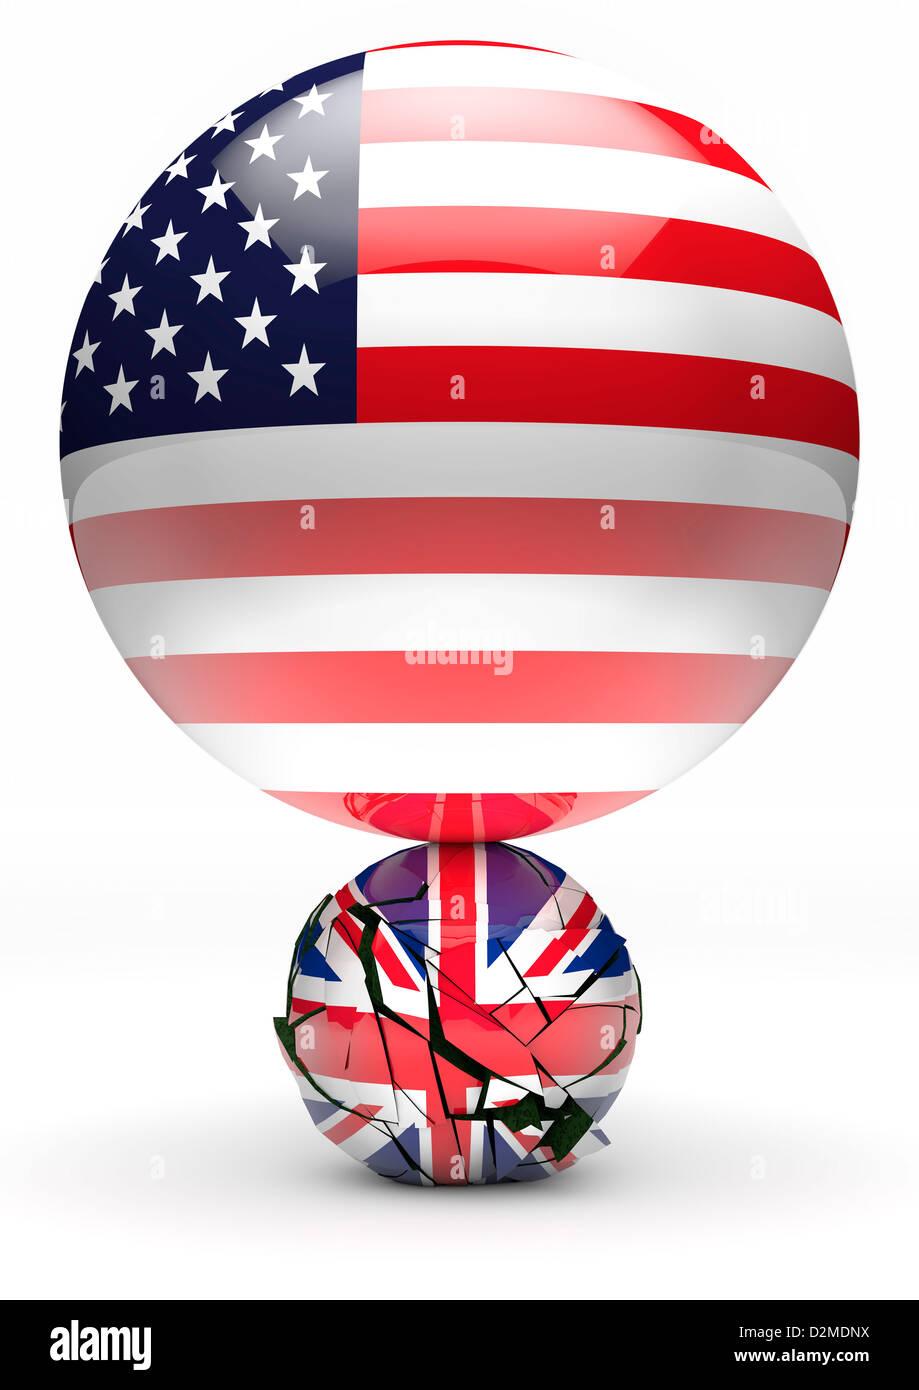 Grand drapeau américain écrasant la plus petite sphère sphère drapeau Union Européenne Photo Stock